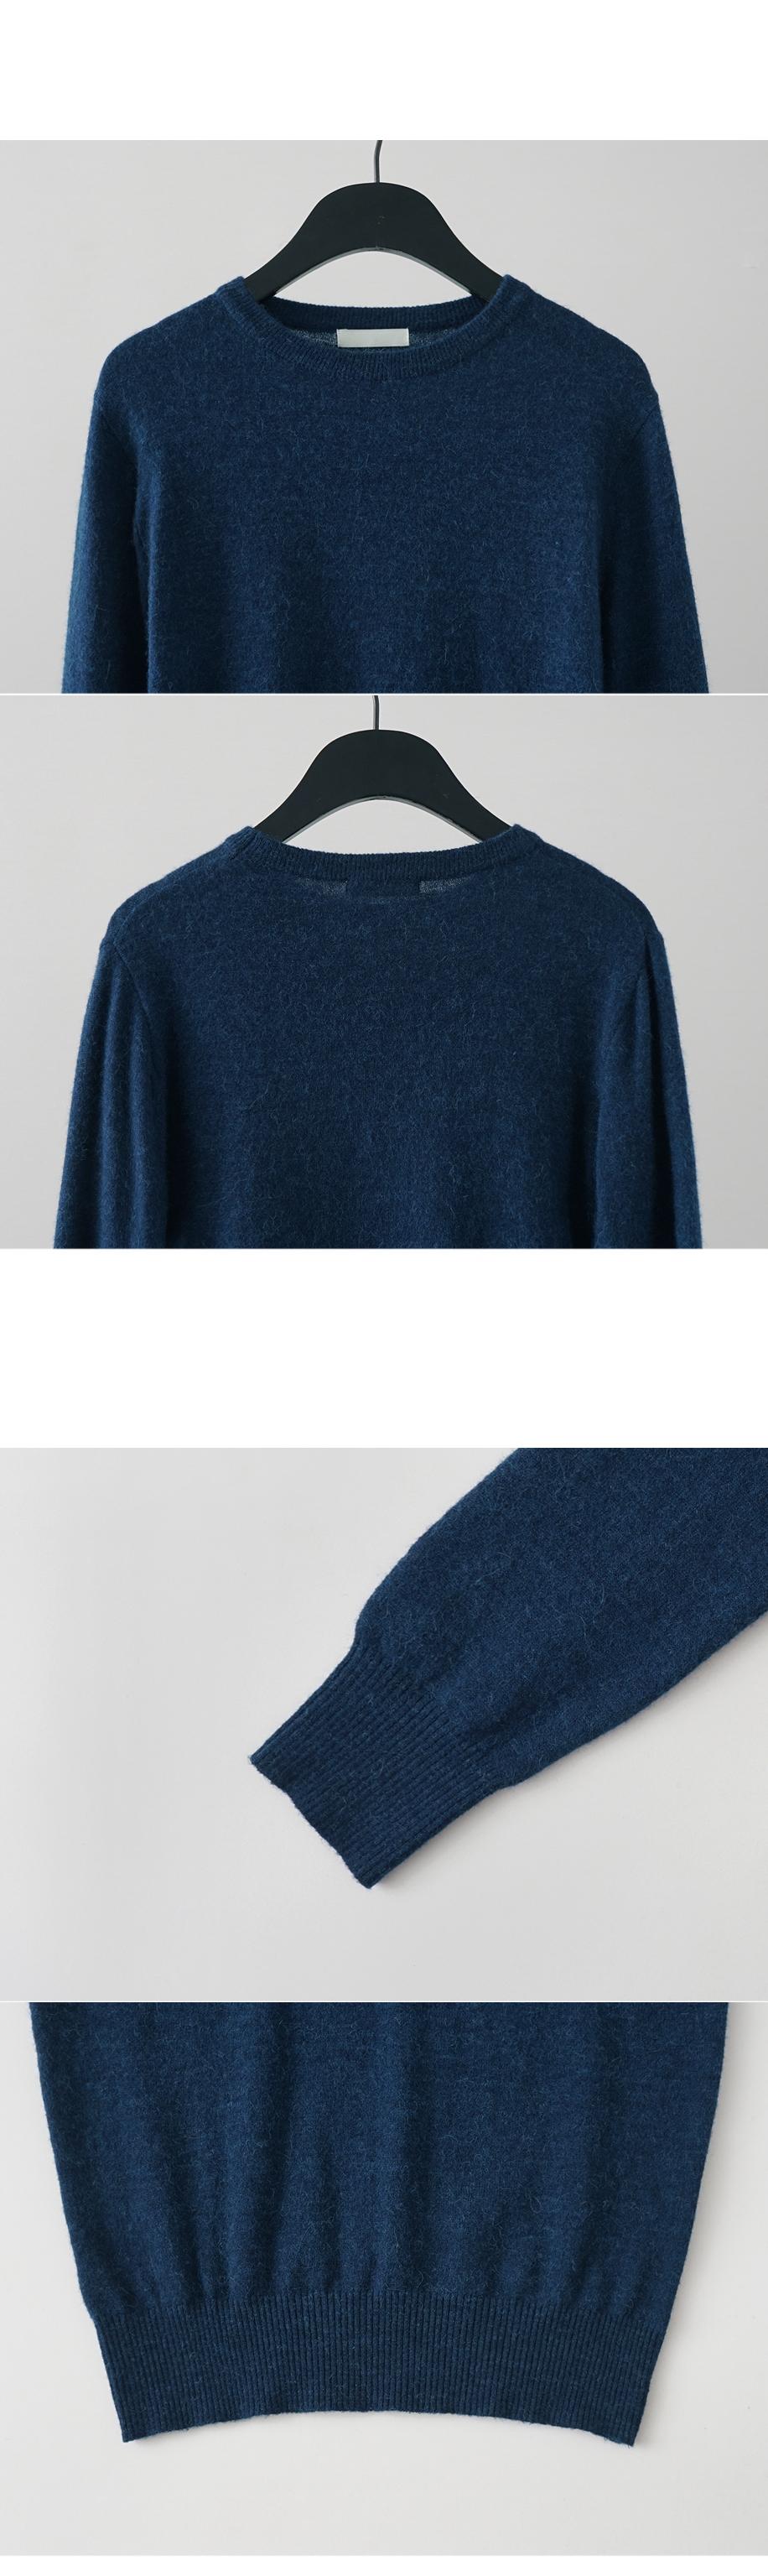 cozy ambience alpaca knit